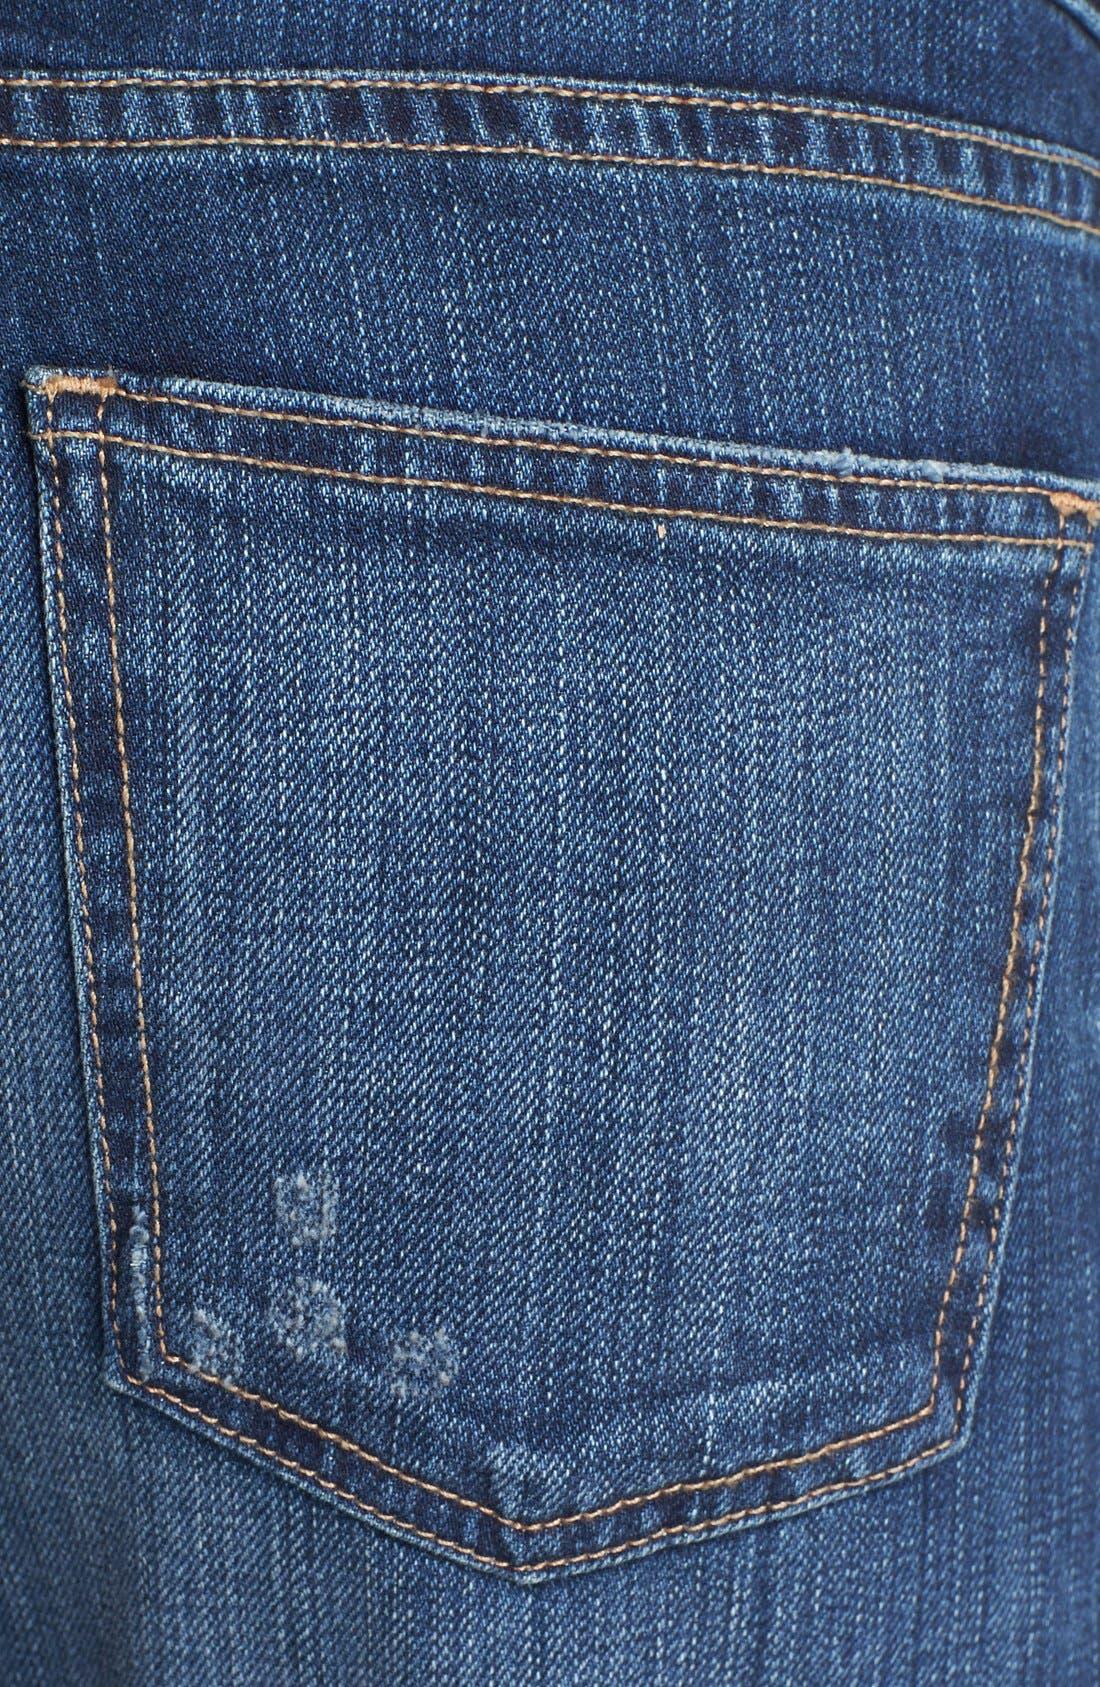 Alternate Image 3  - Current/Elliott 'The Fling' Rolled Jeans (Loved)